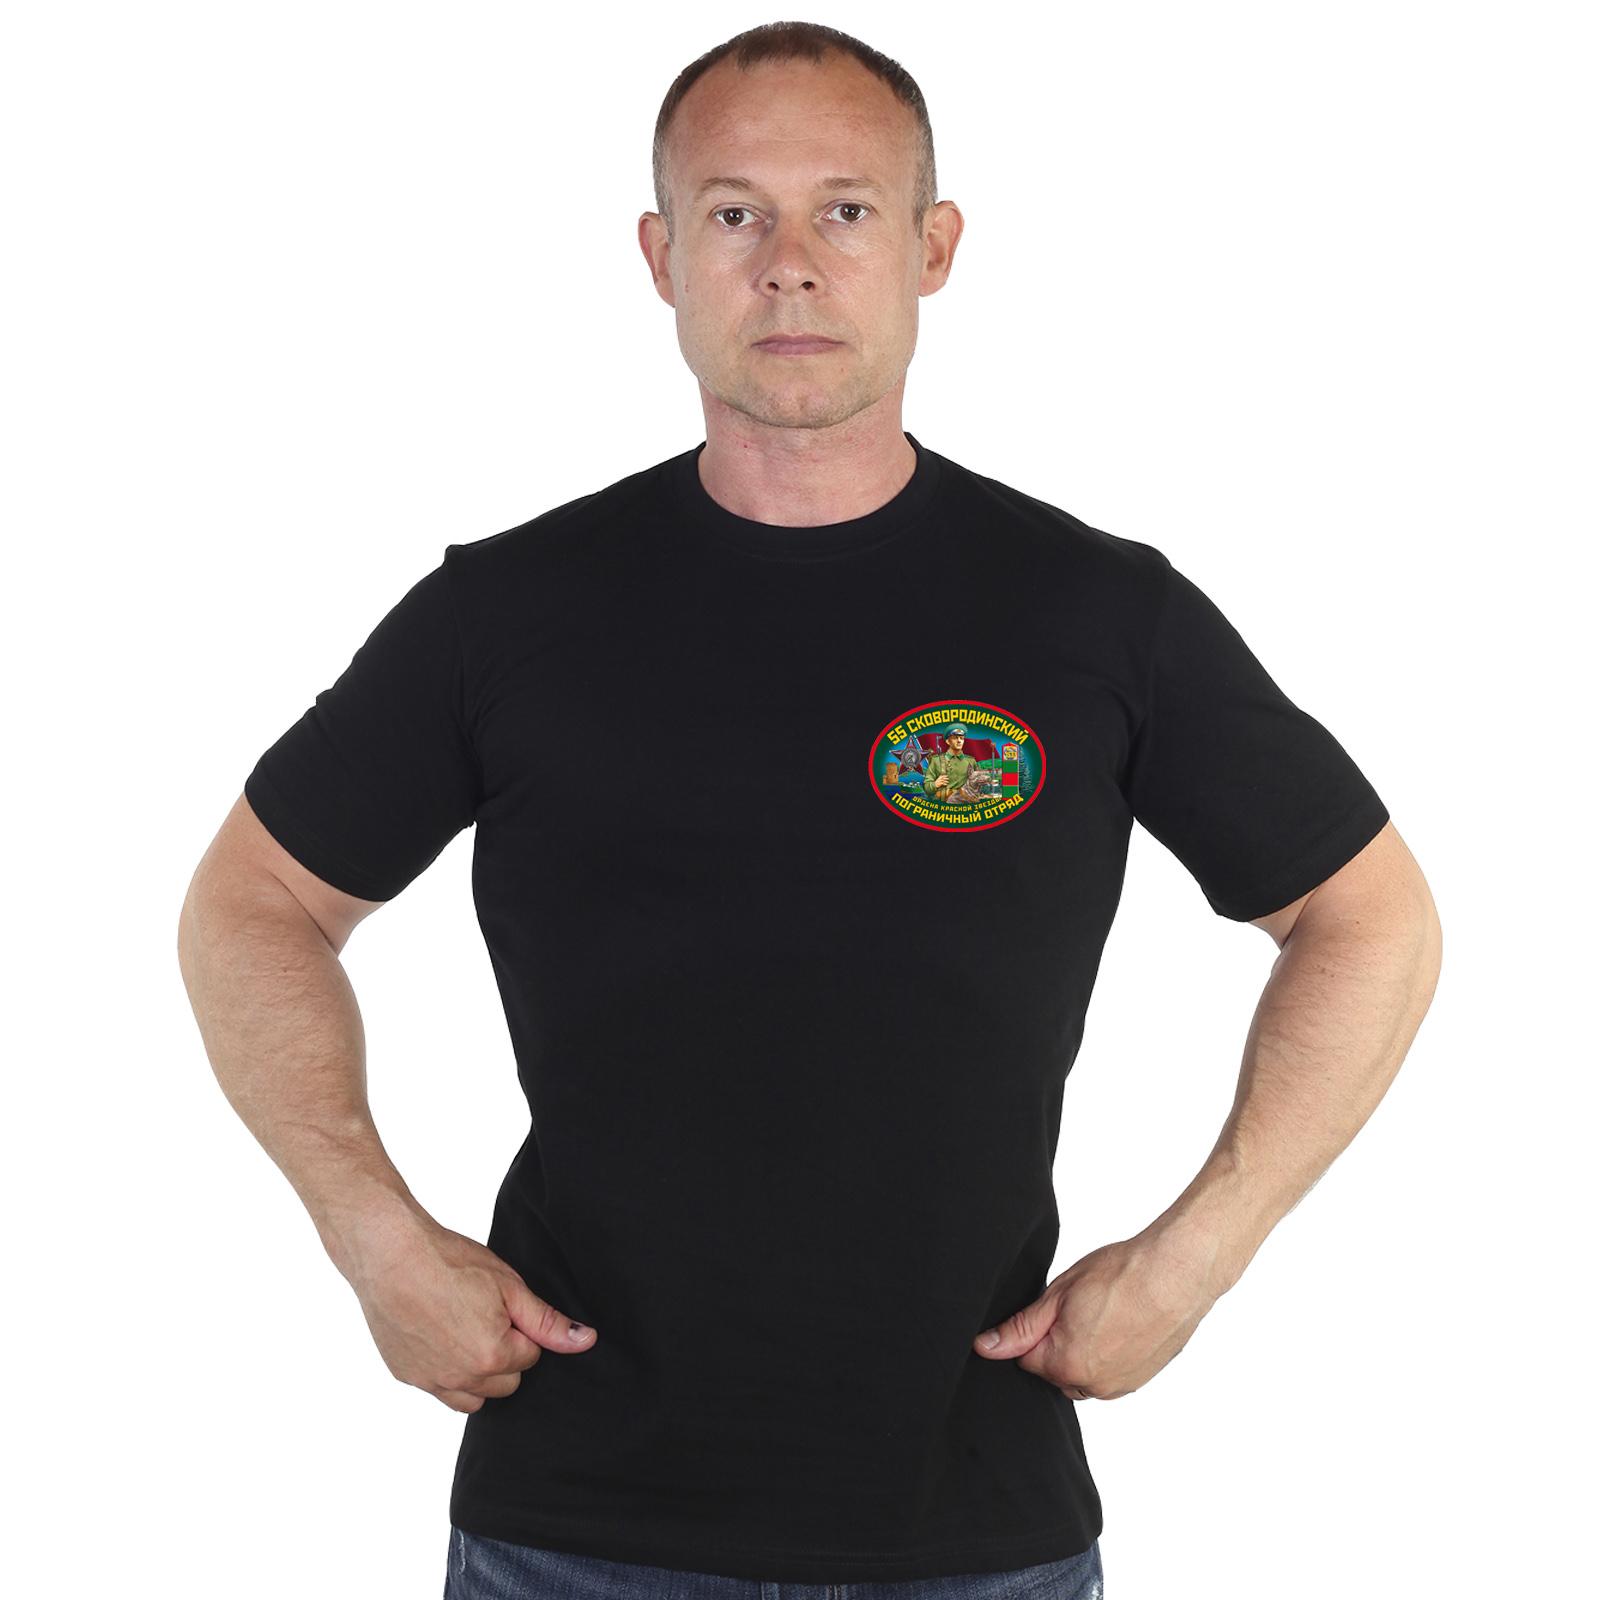 Купить черную футболку 55 Сковородинский погранотряд